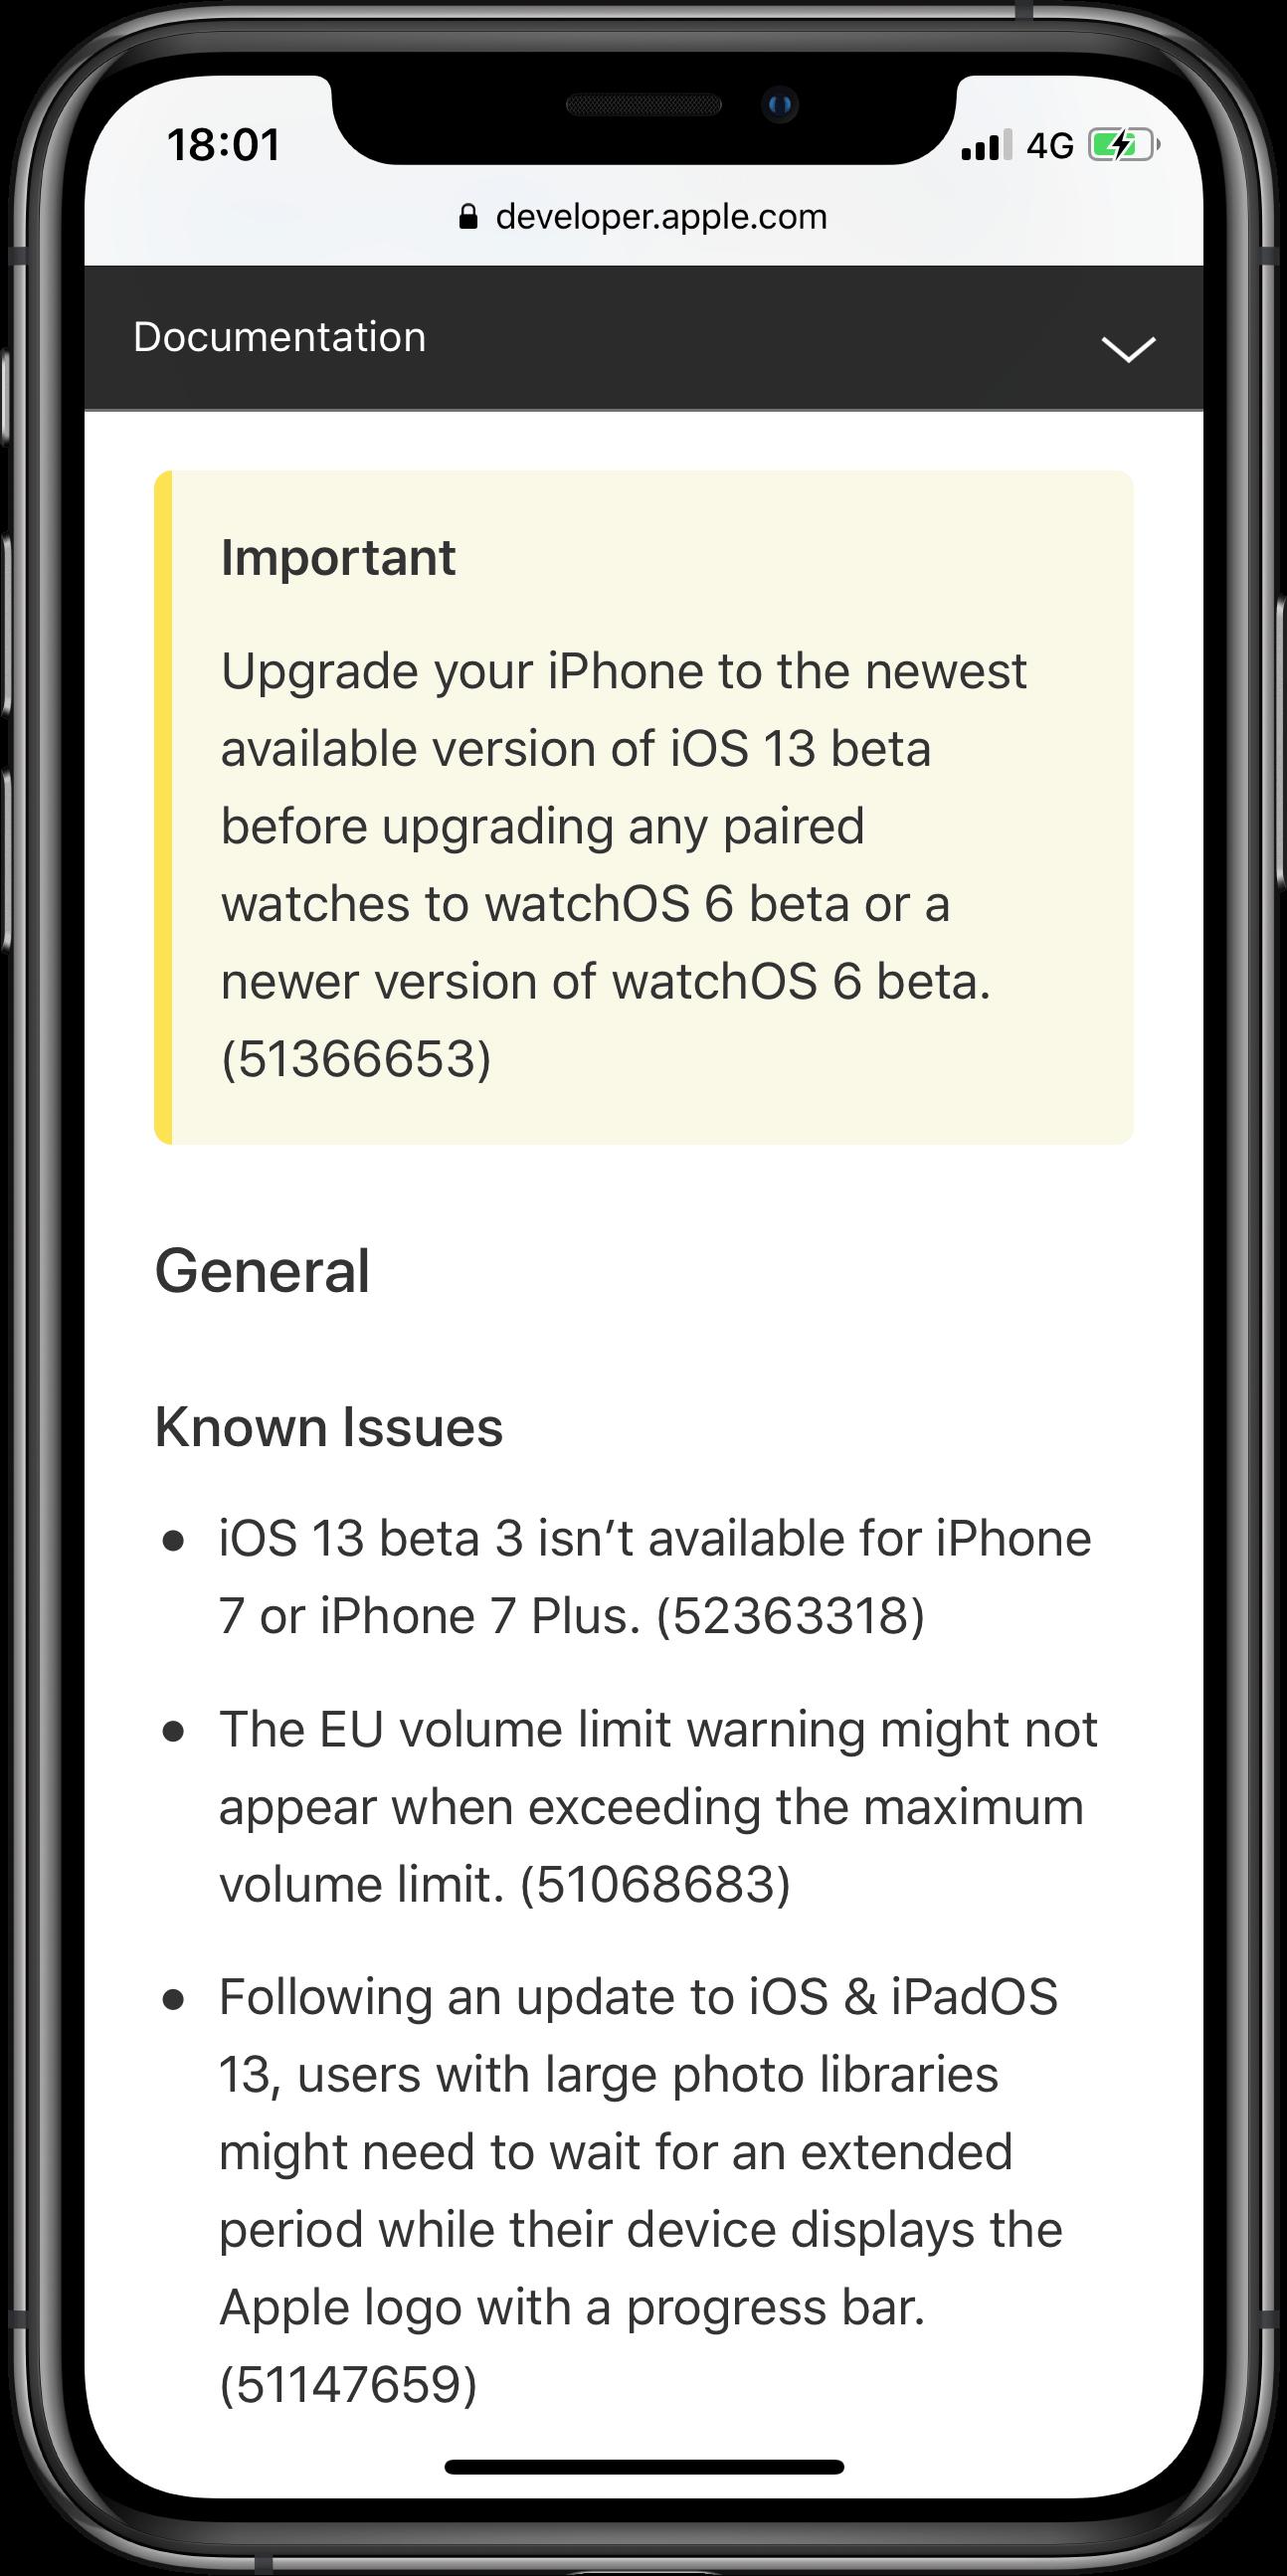 Aviso na documentação do watchOS 6 alertando que se atualize o iPhone primeiro